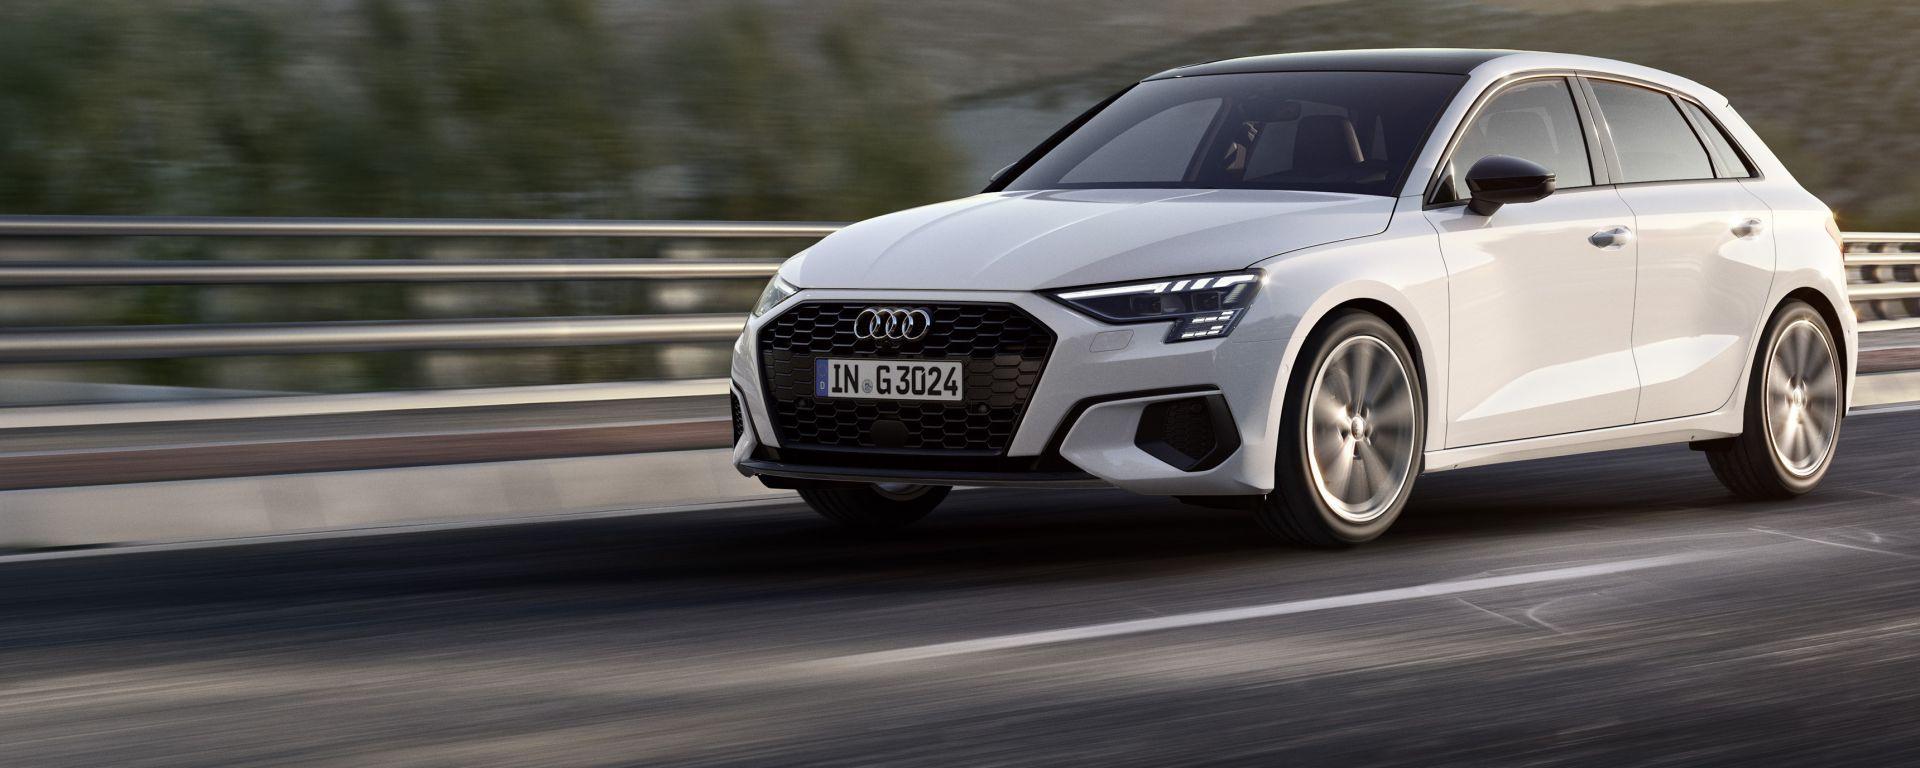 Audi A3 Sportback g-tron S tronic: col metano le percorrenze sono nell'ordine dei 30 km/kg